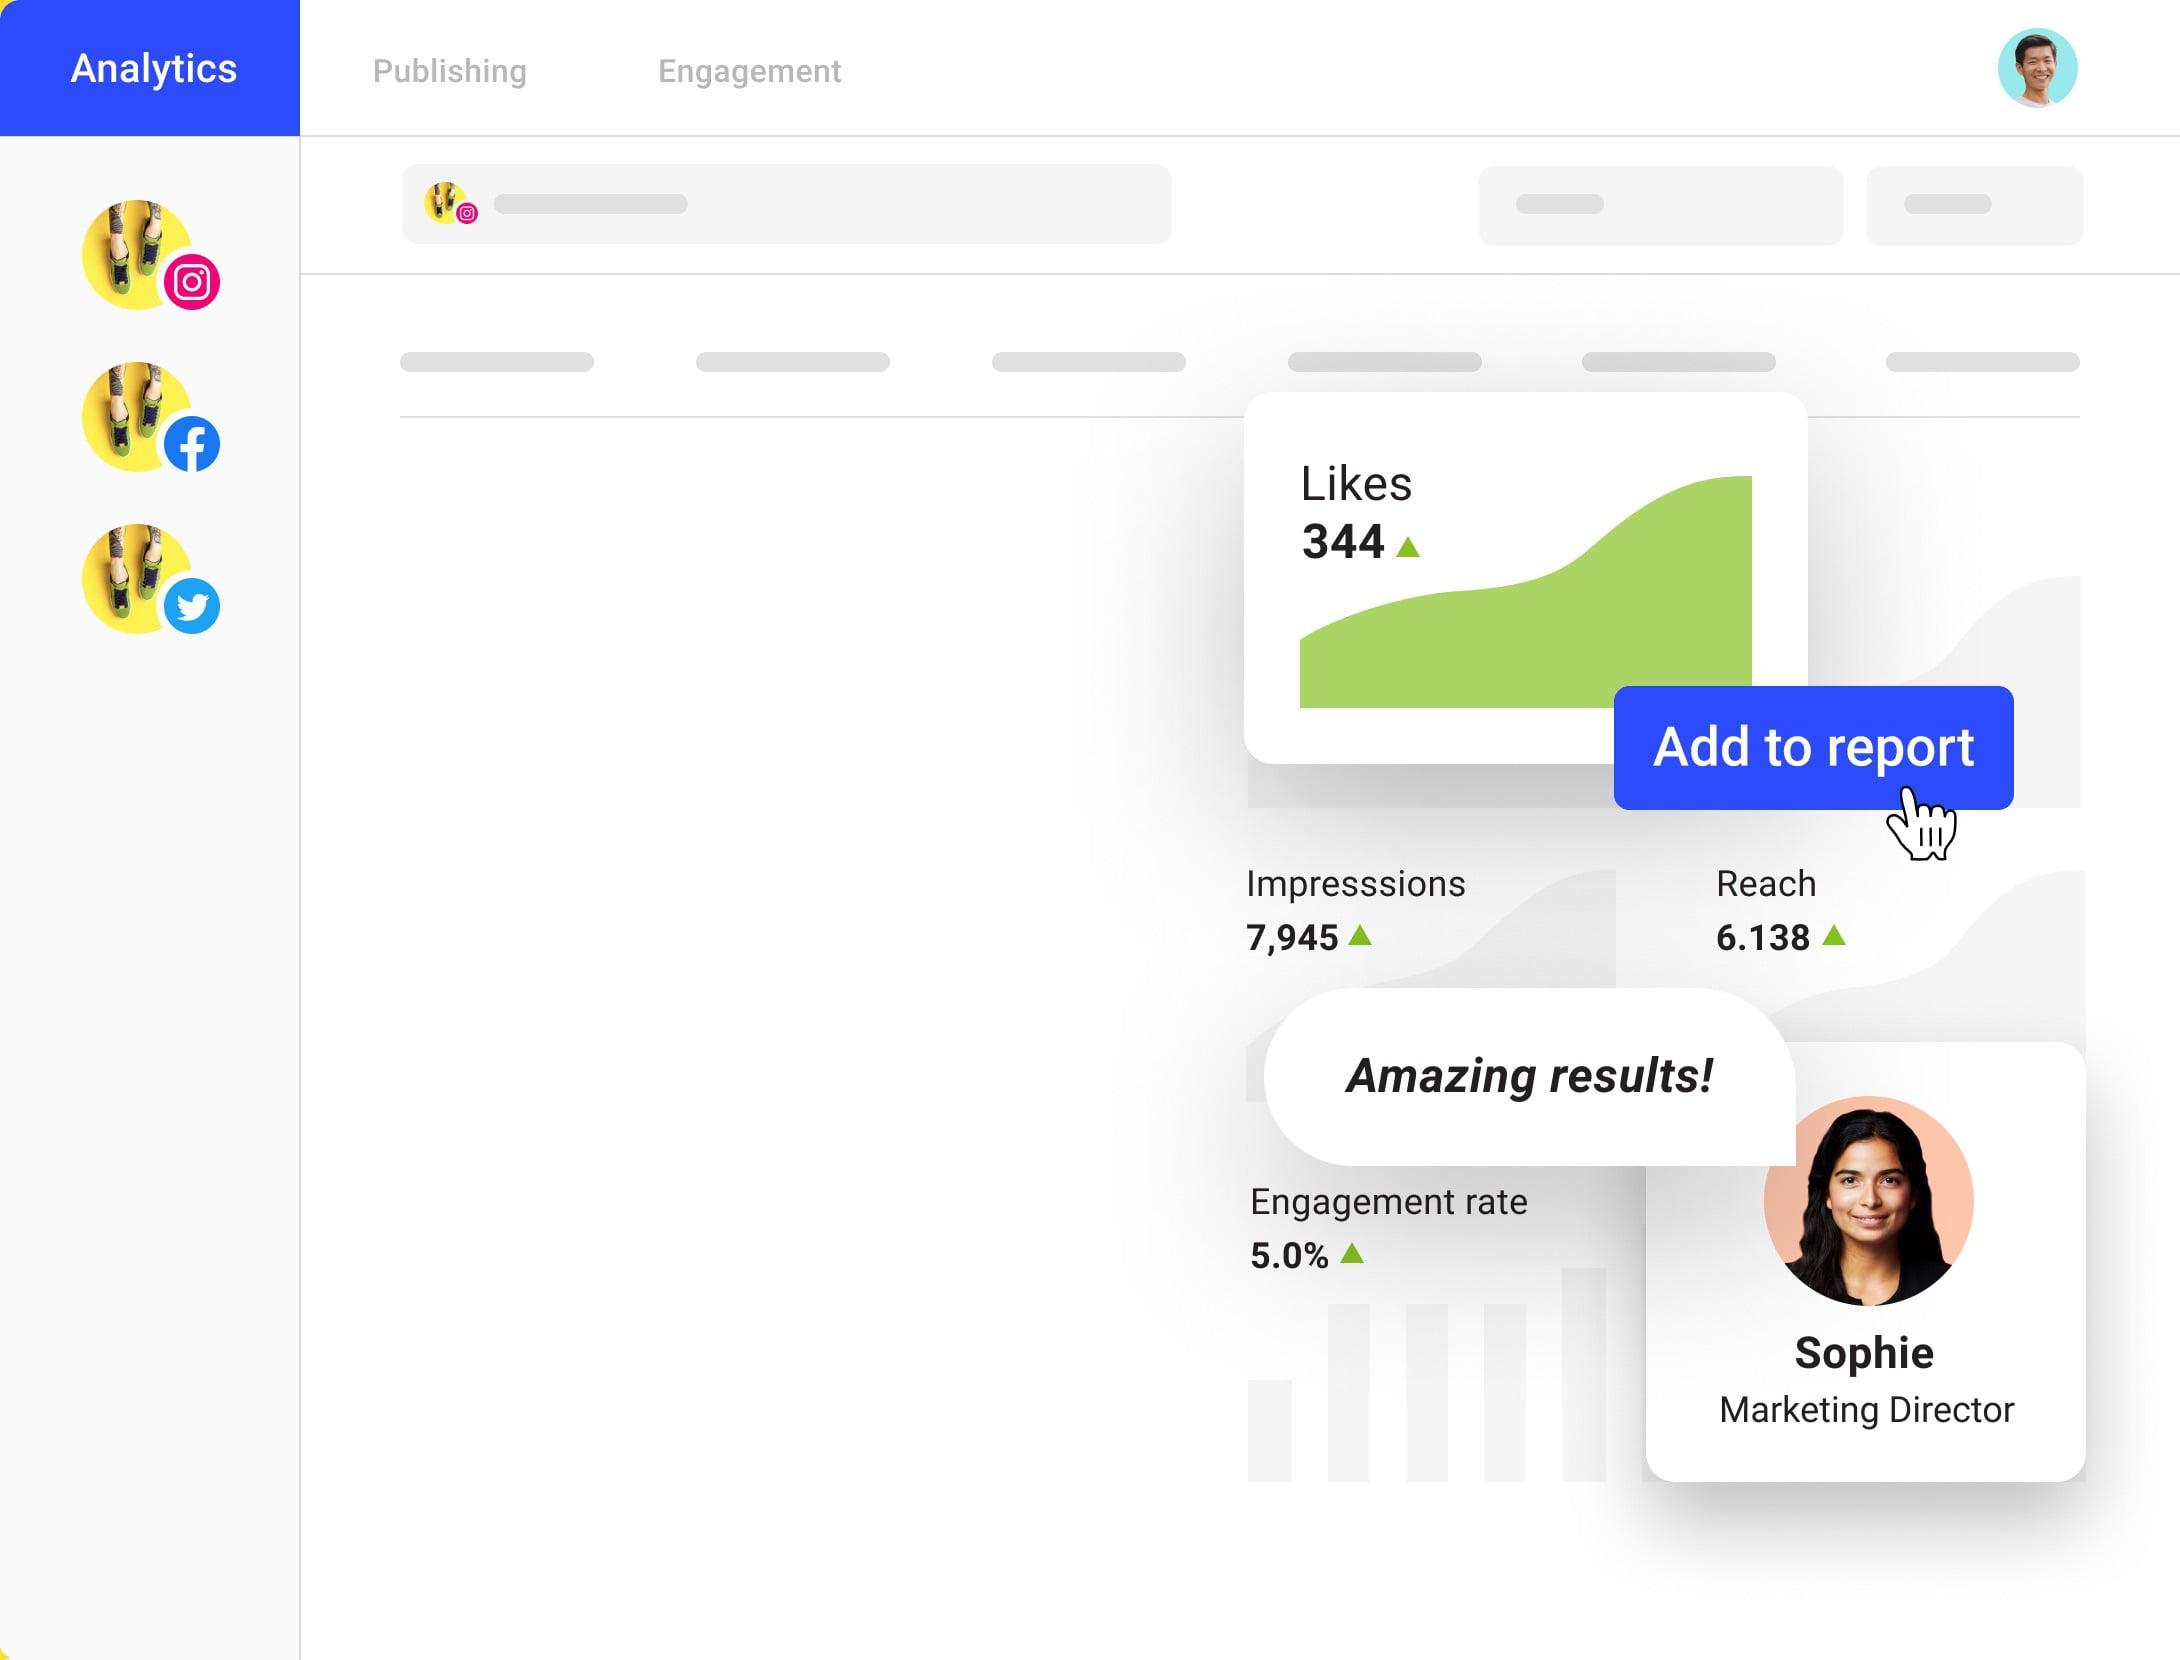 illustration of Buffer's social media analytics reporting tool